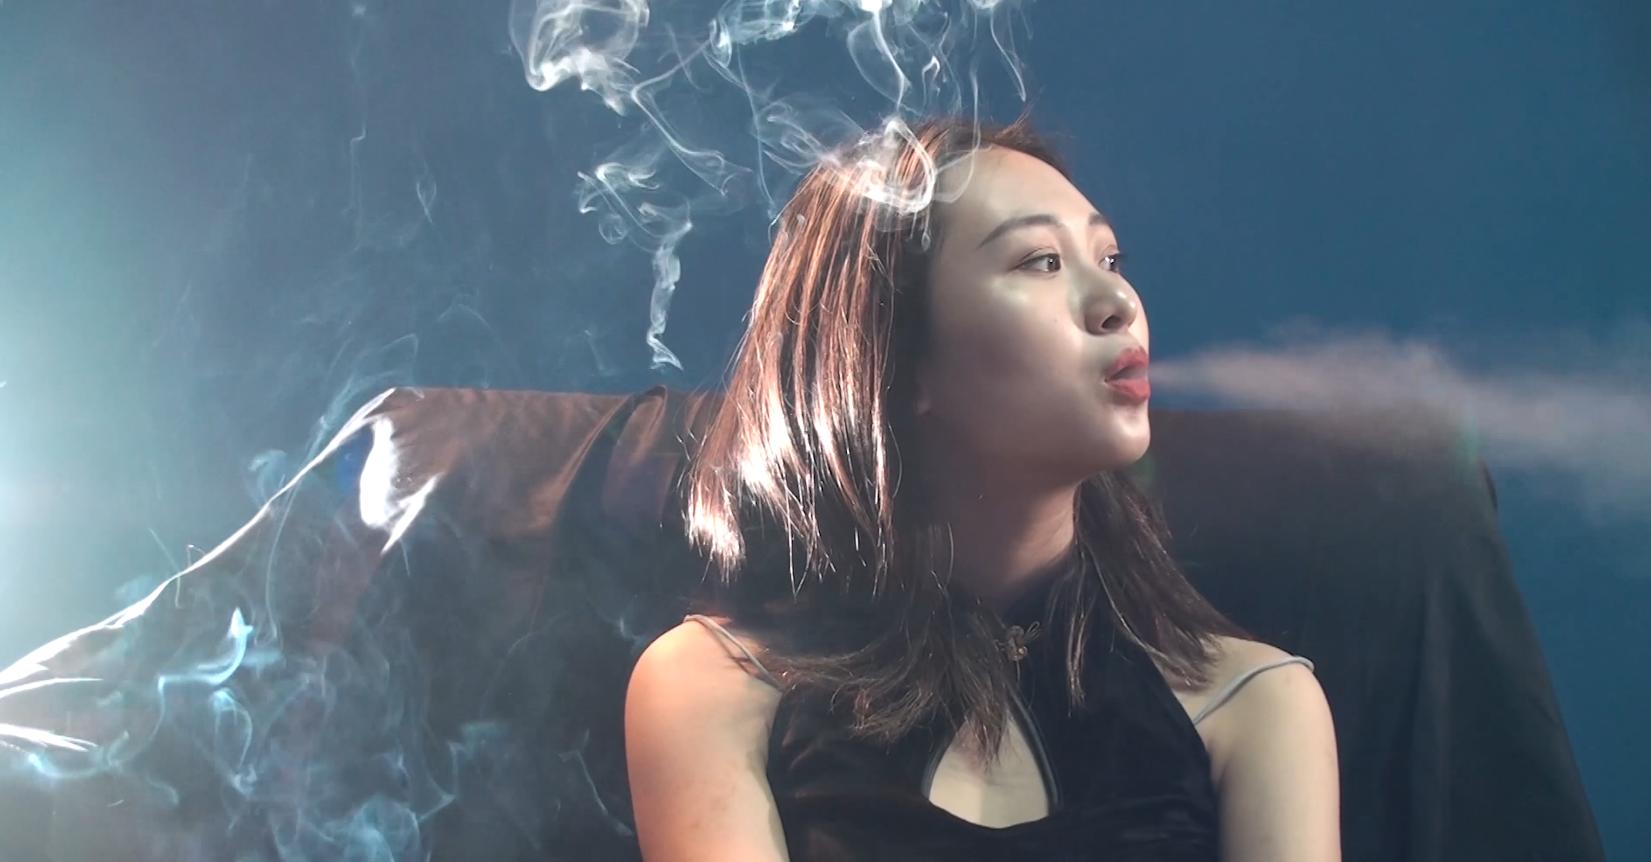 个性十足的妹子抽烟